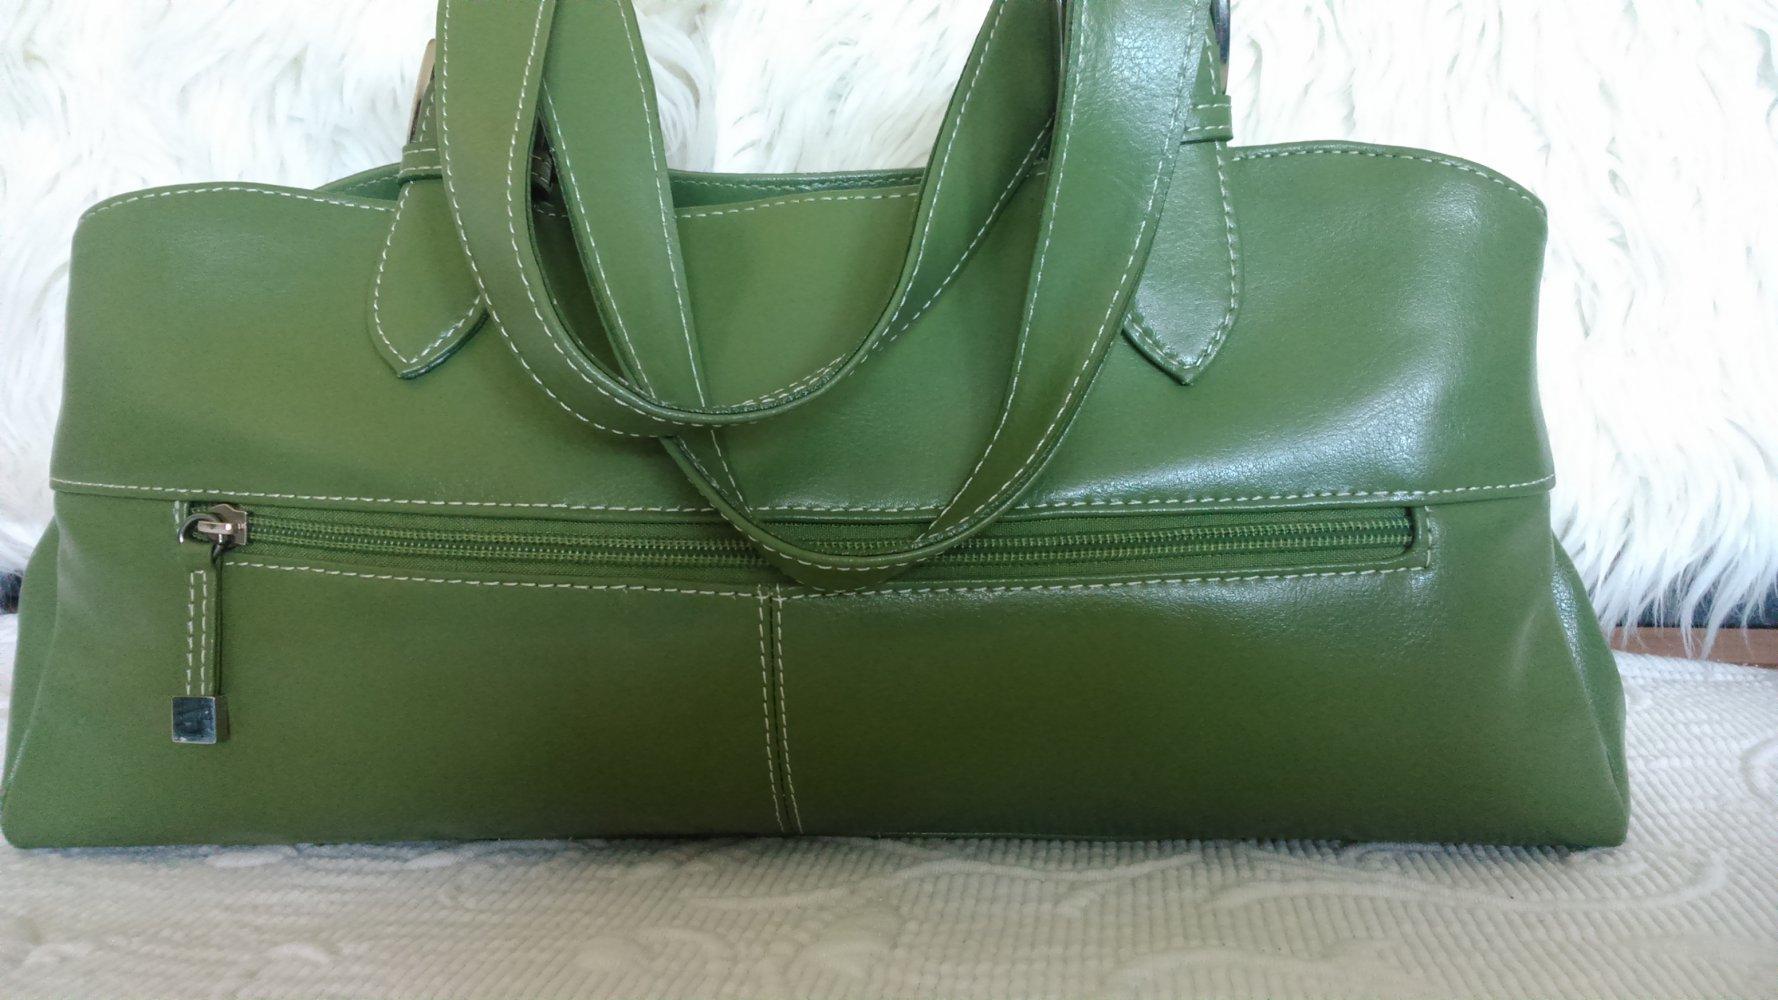 bd2cdf7420de4d L. CREDI wunderschöne Damen - Handtasche grün DIE Herbstfarbe ! wie neu !